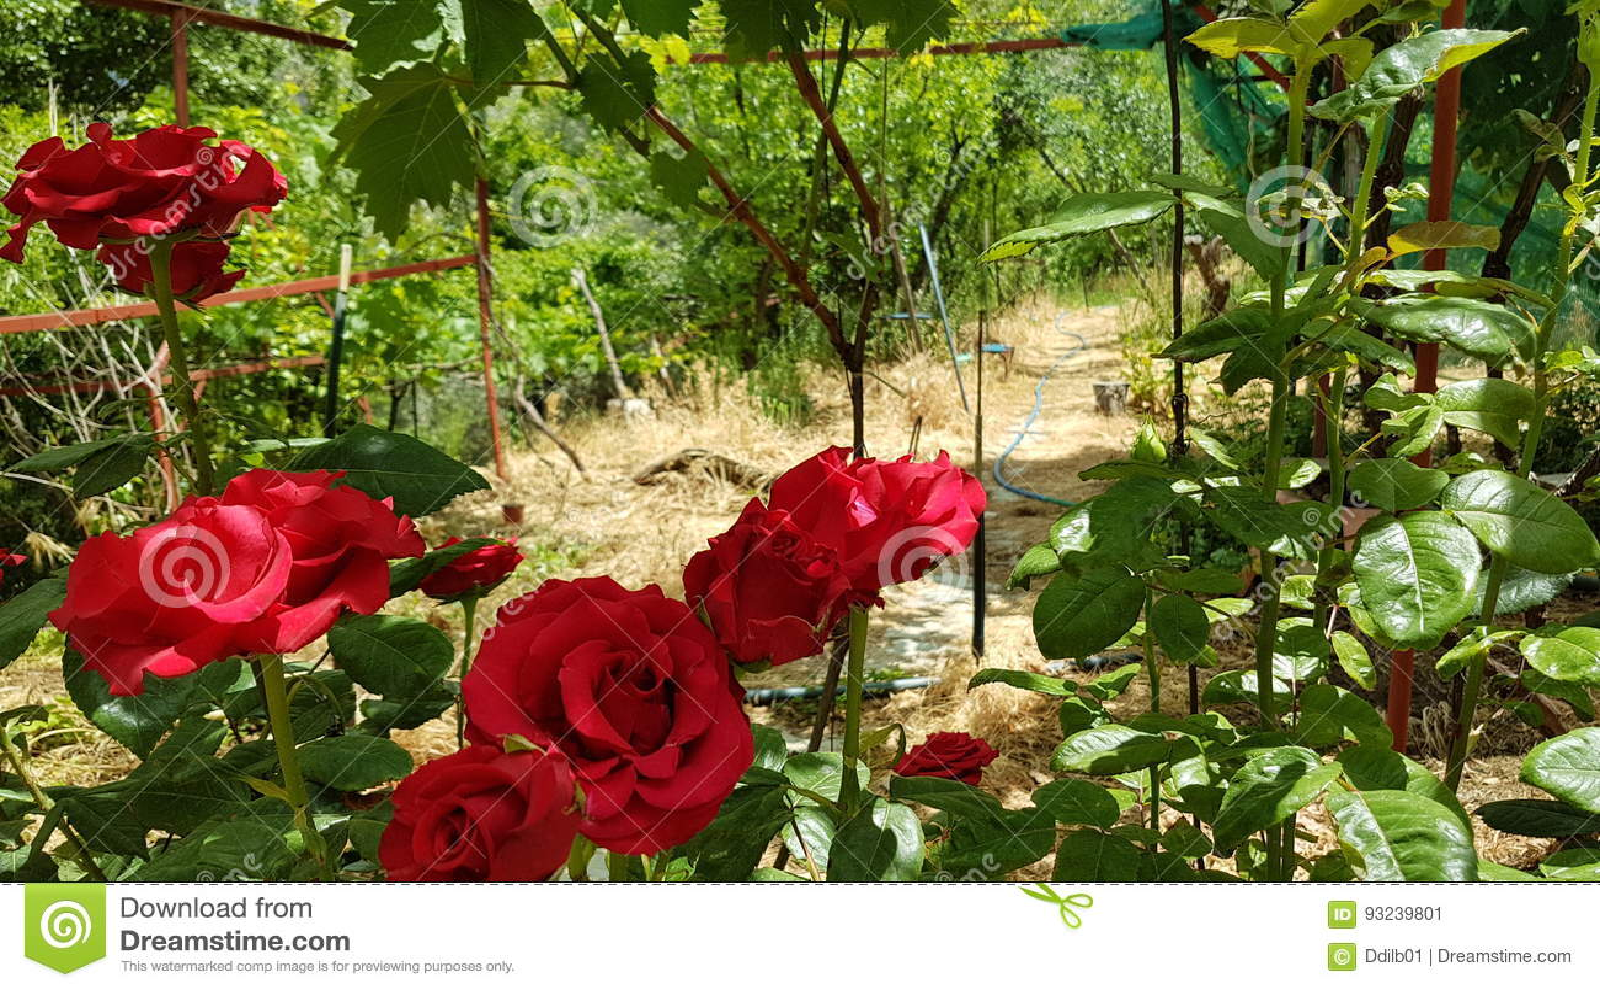 Sedie bianche su giardini di rose rossi u foto stock nix